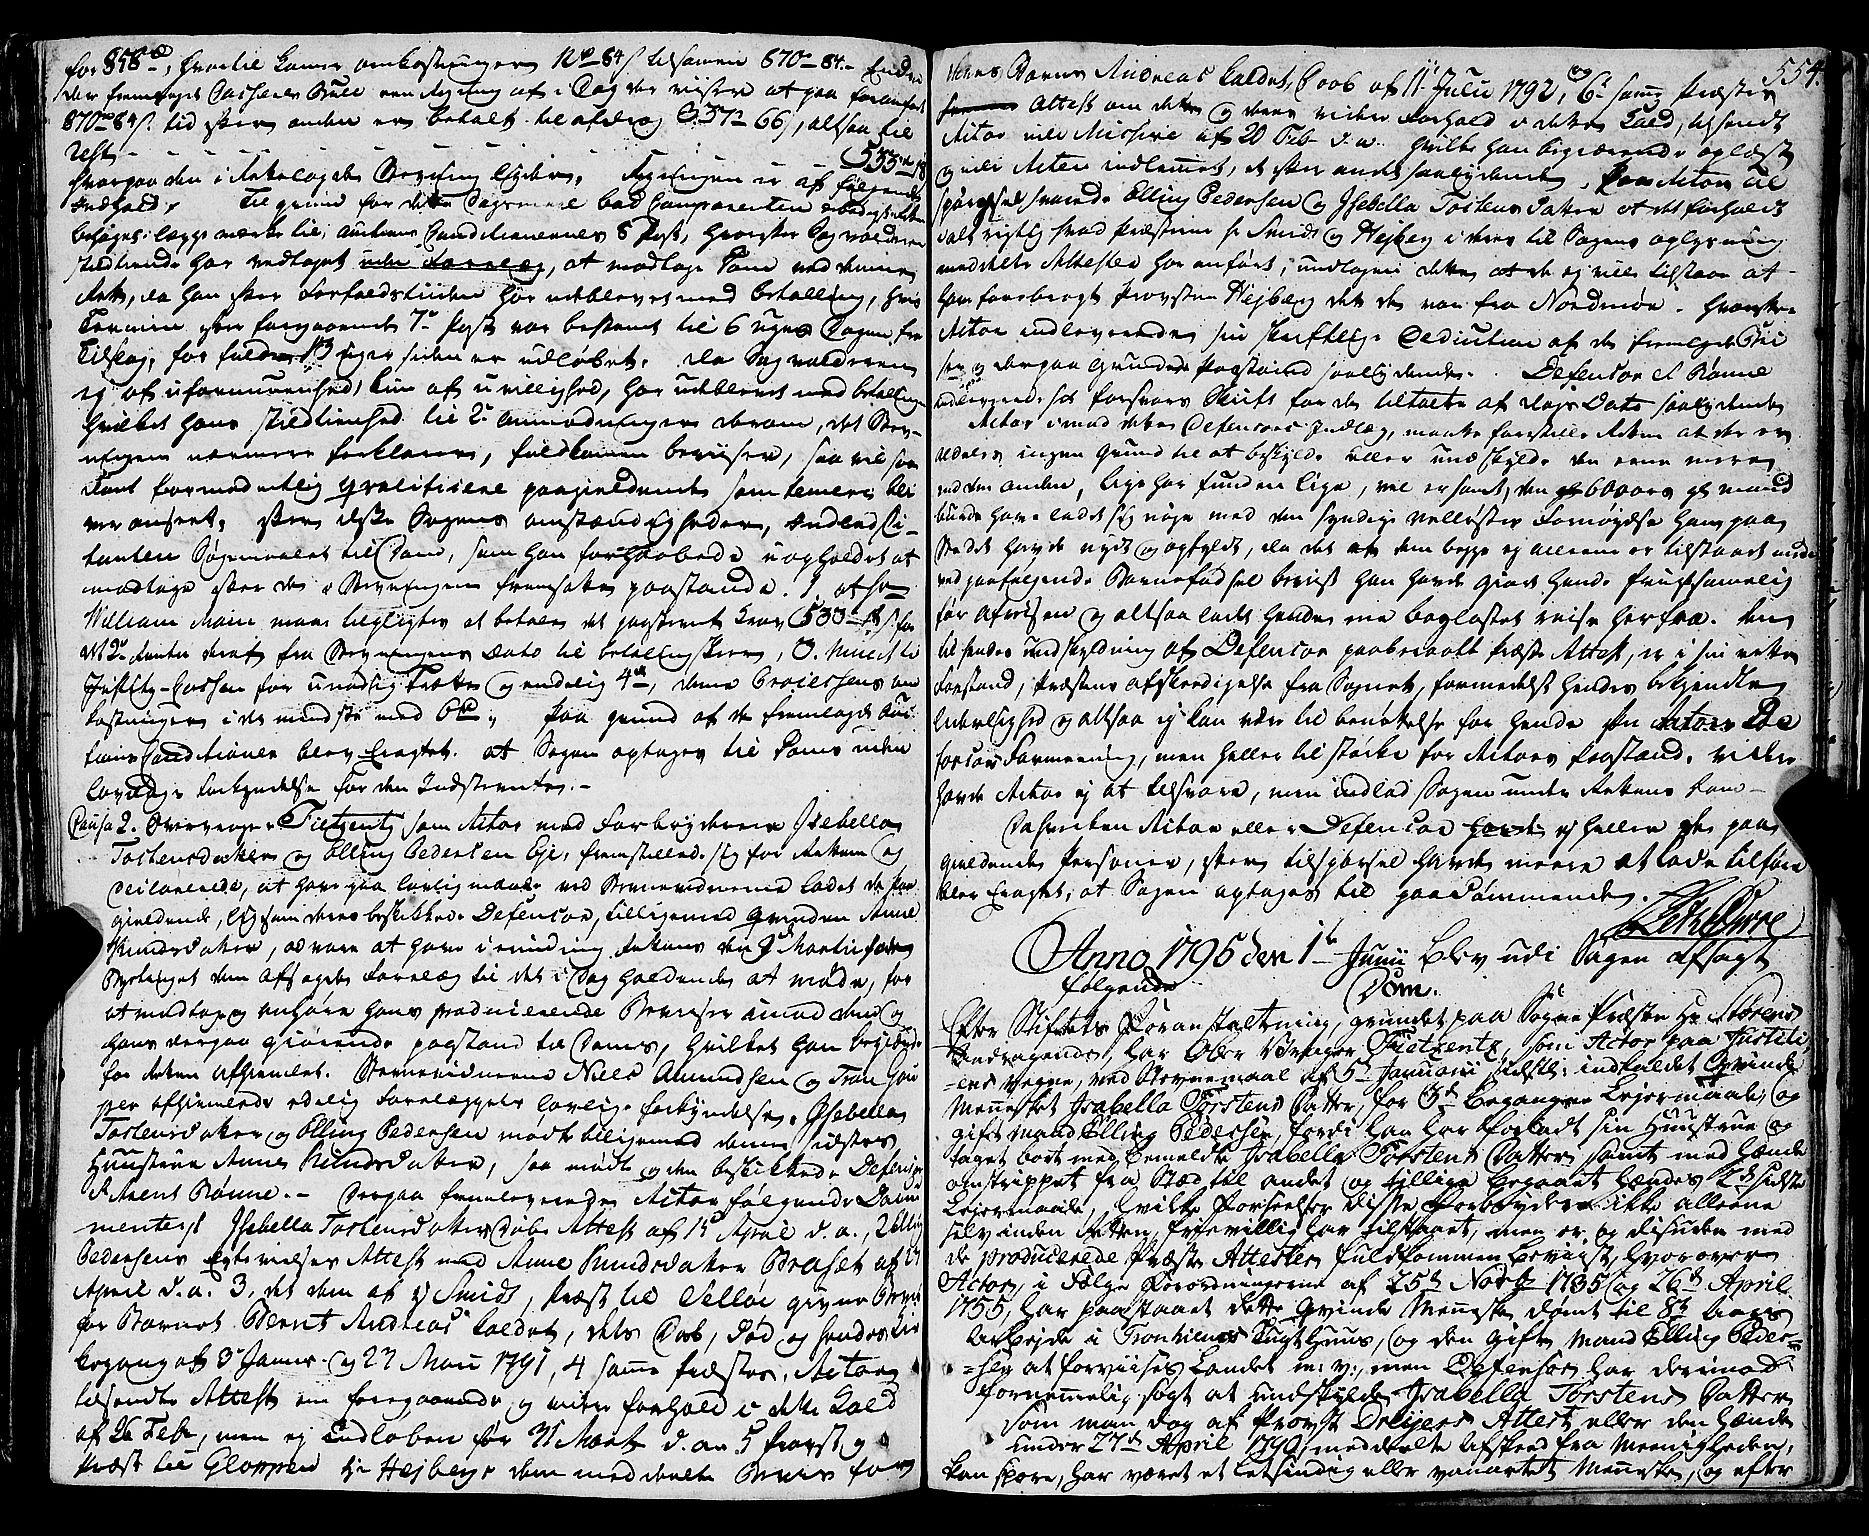 SAT, Molde byfogd, 1/1A/L0001: Justisprotokoll, 1764-1796, s. 555